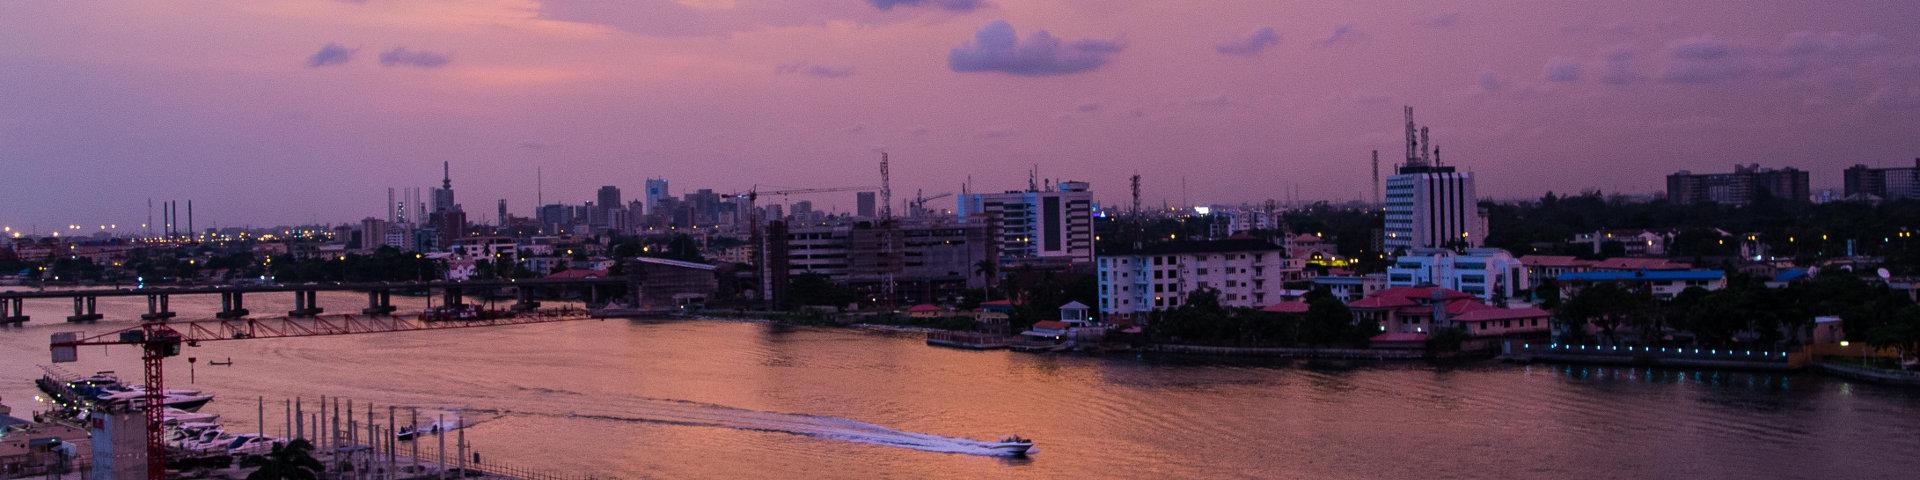 Lagos final